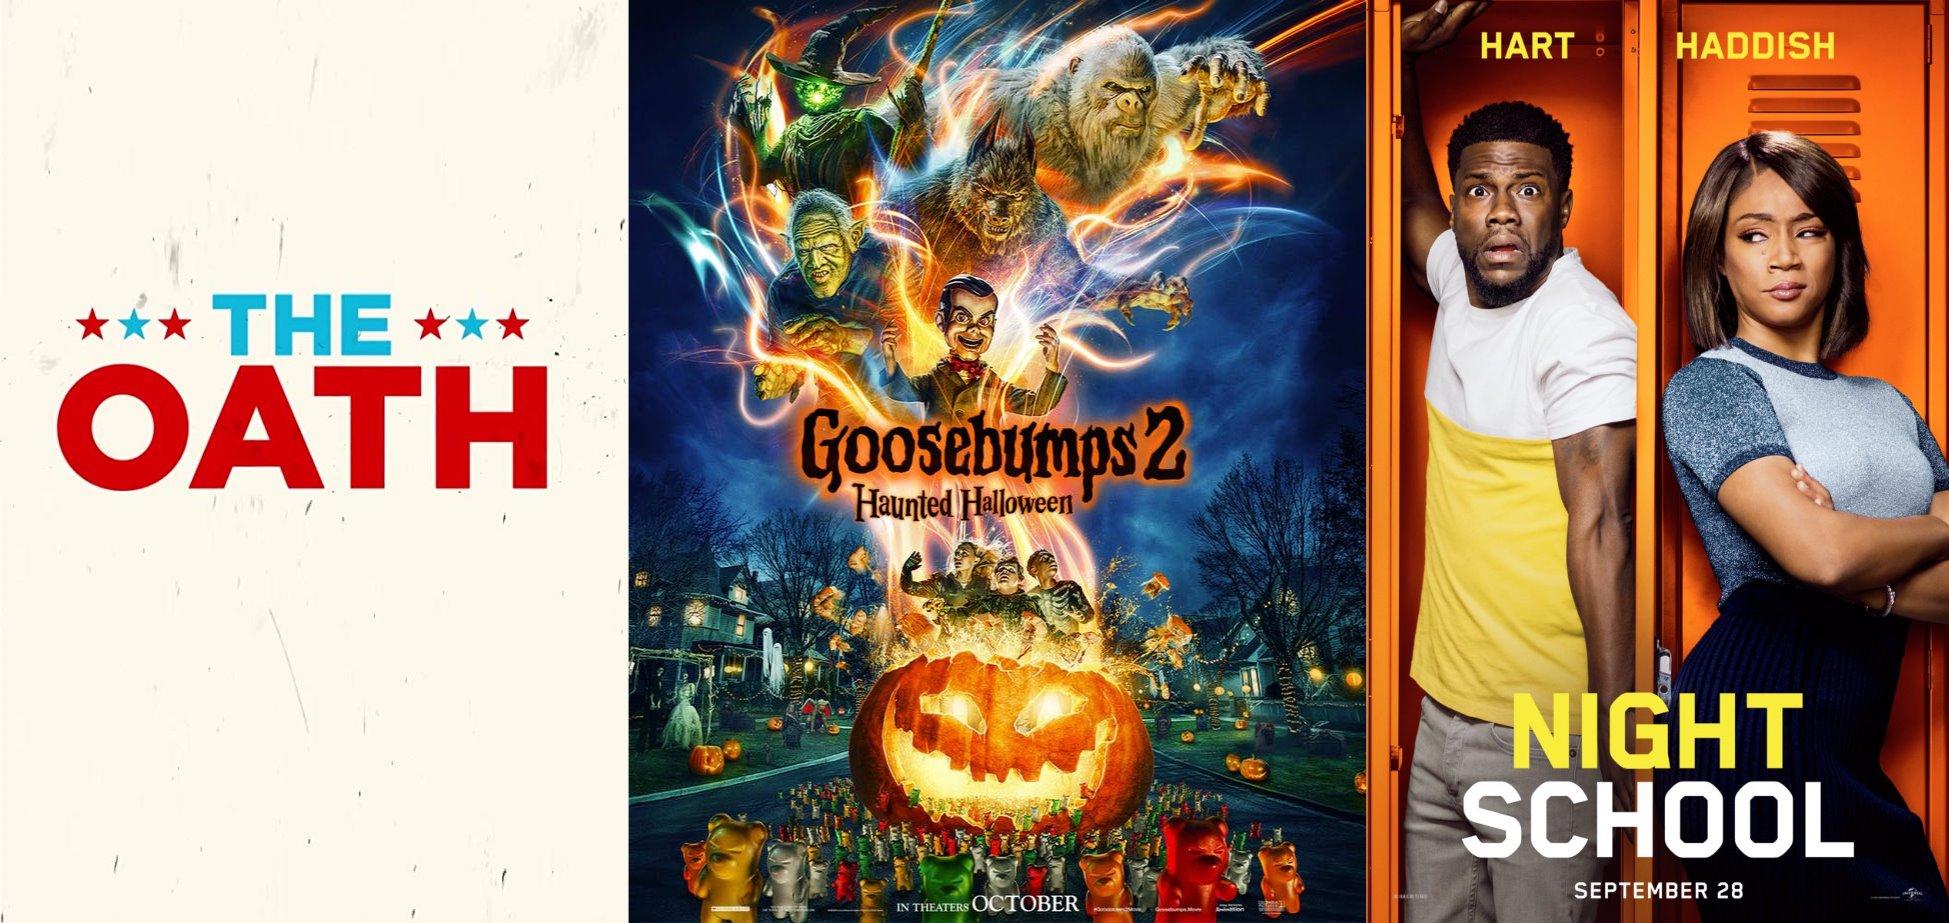 Trailer-Watchin' Wednesday - Night School, The Oath, Goosebumps 2: Haunted Halloween